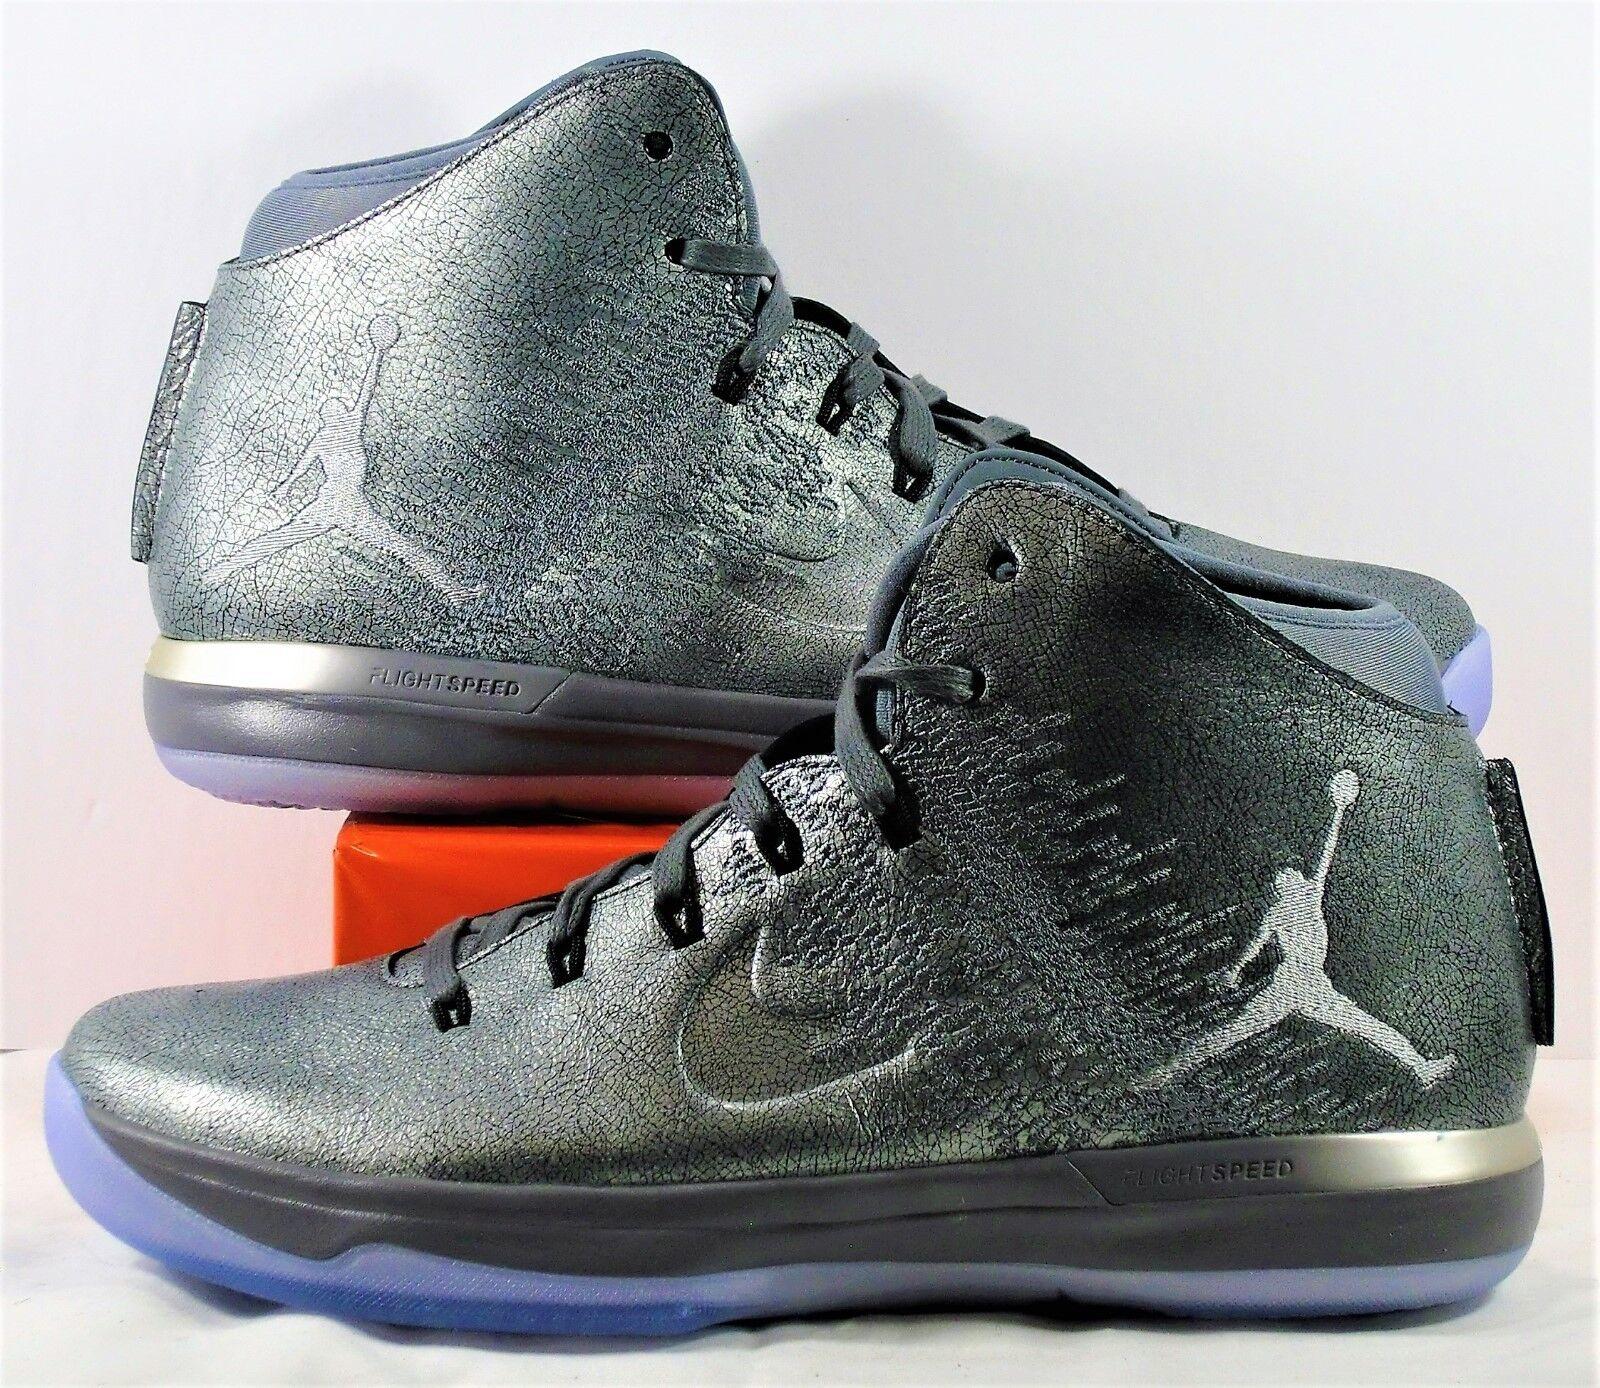 Nike Air Jordan XXXI 31 PRM Battle Cool Grey & Wolf Grey Sz 8.5 NEW 914293 013